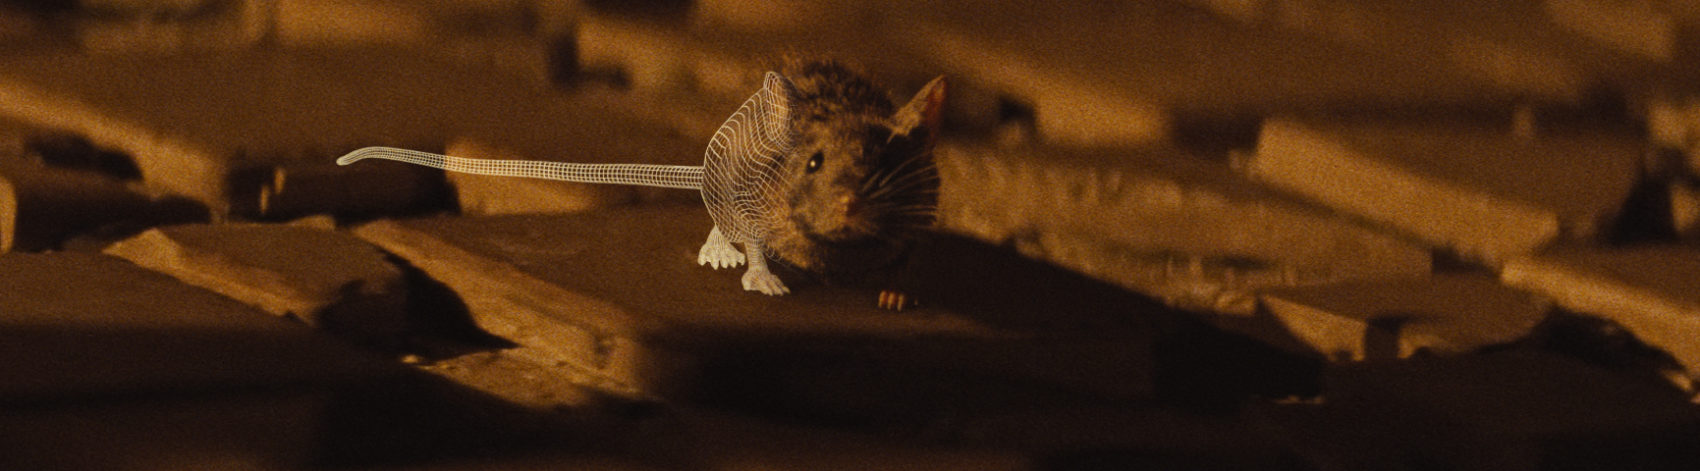 Cinesite Spectre Mouse